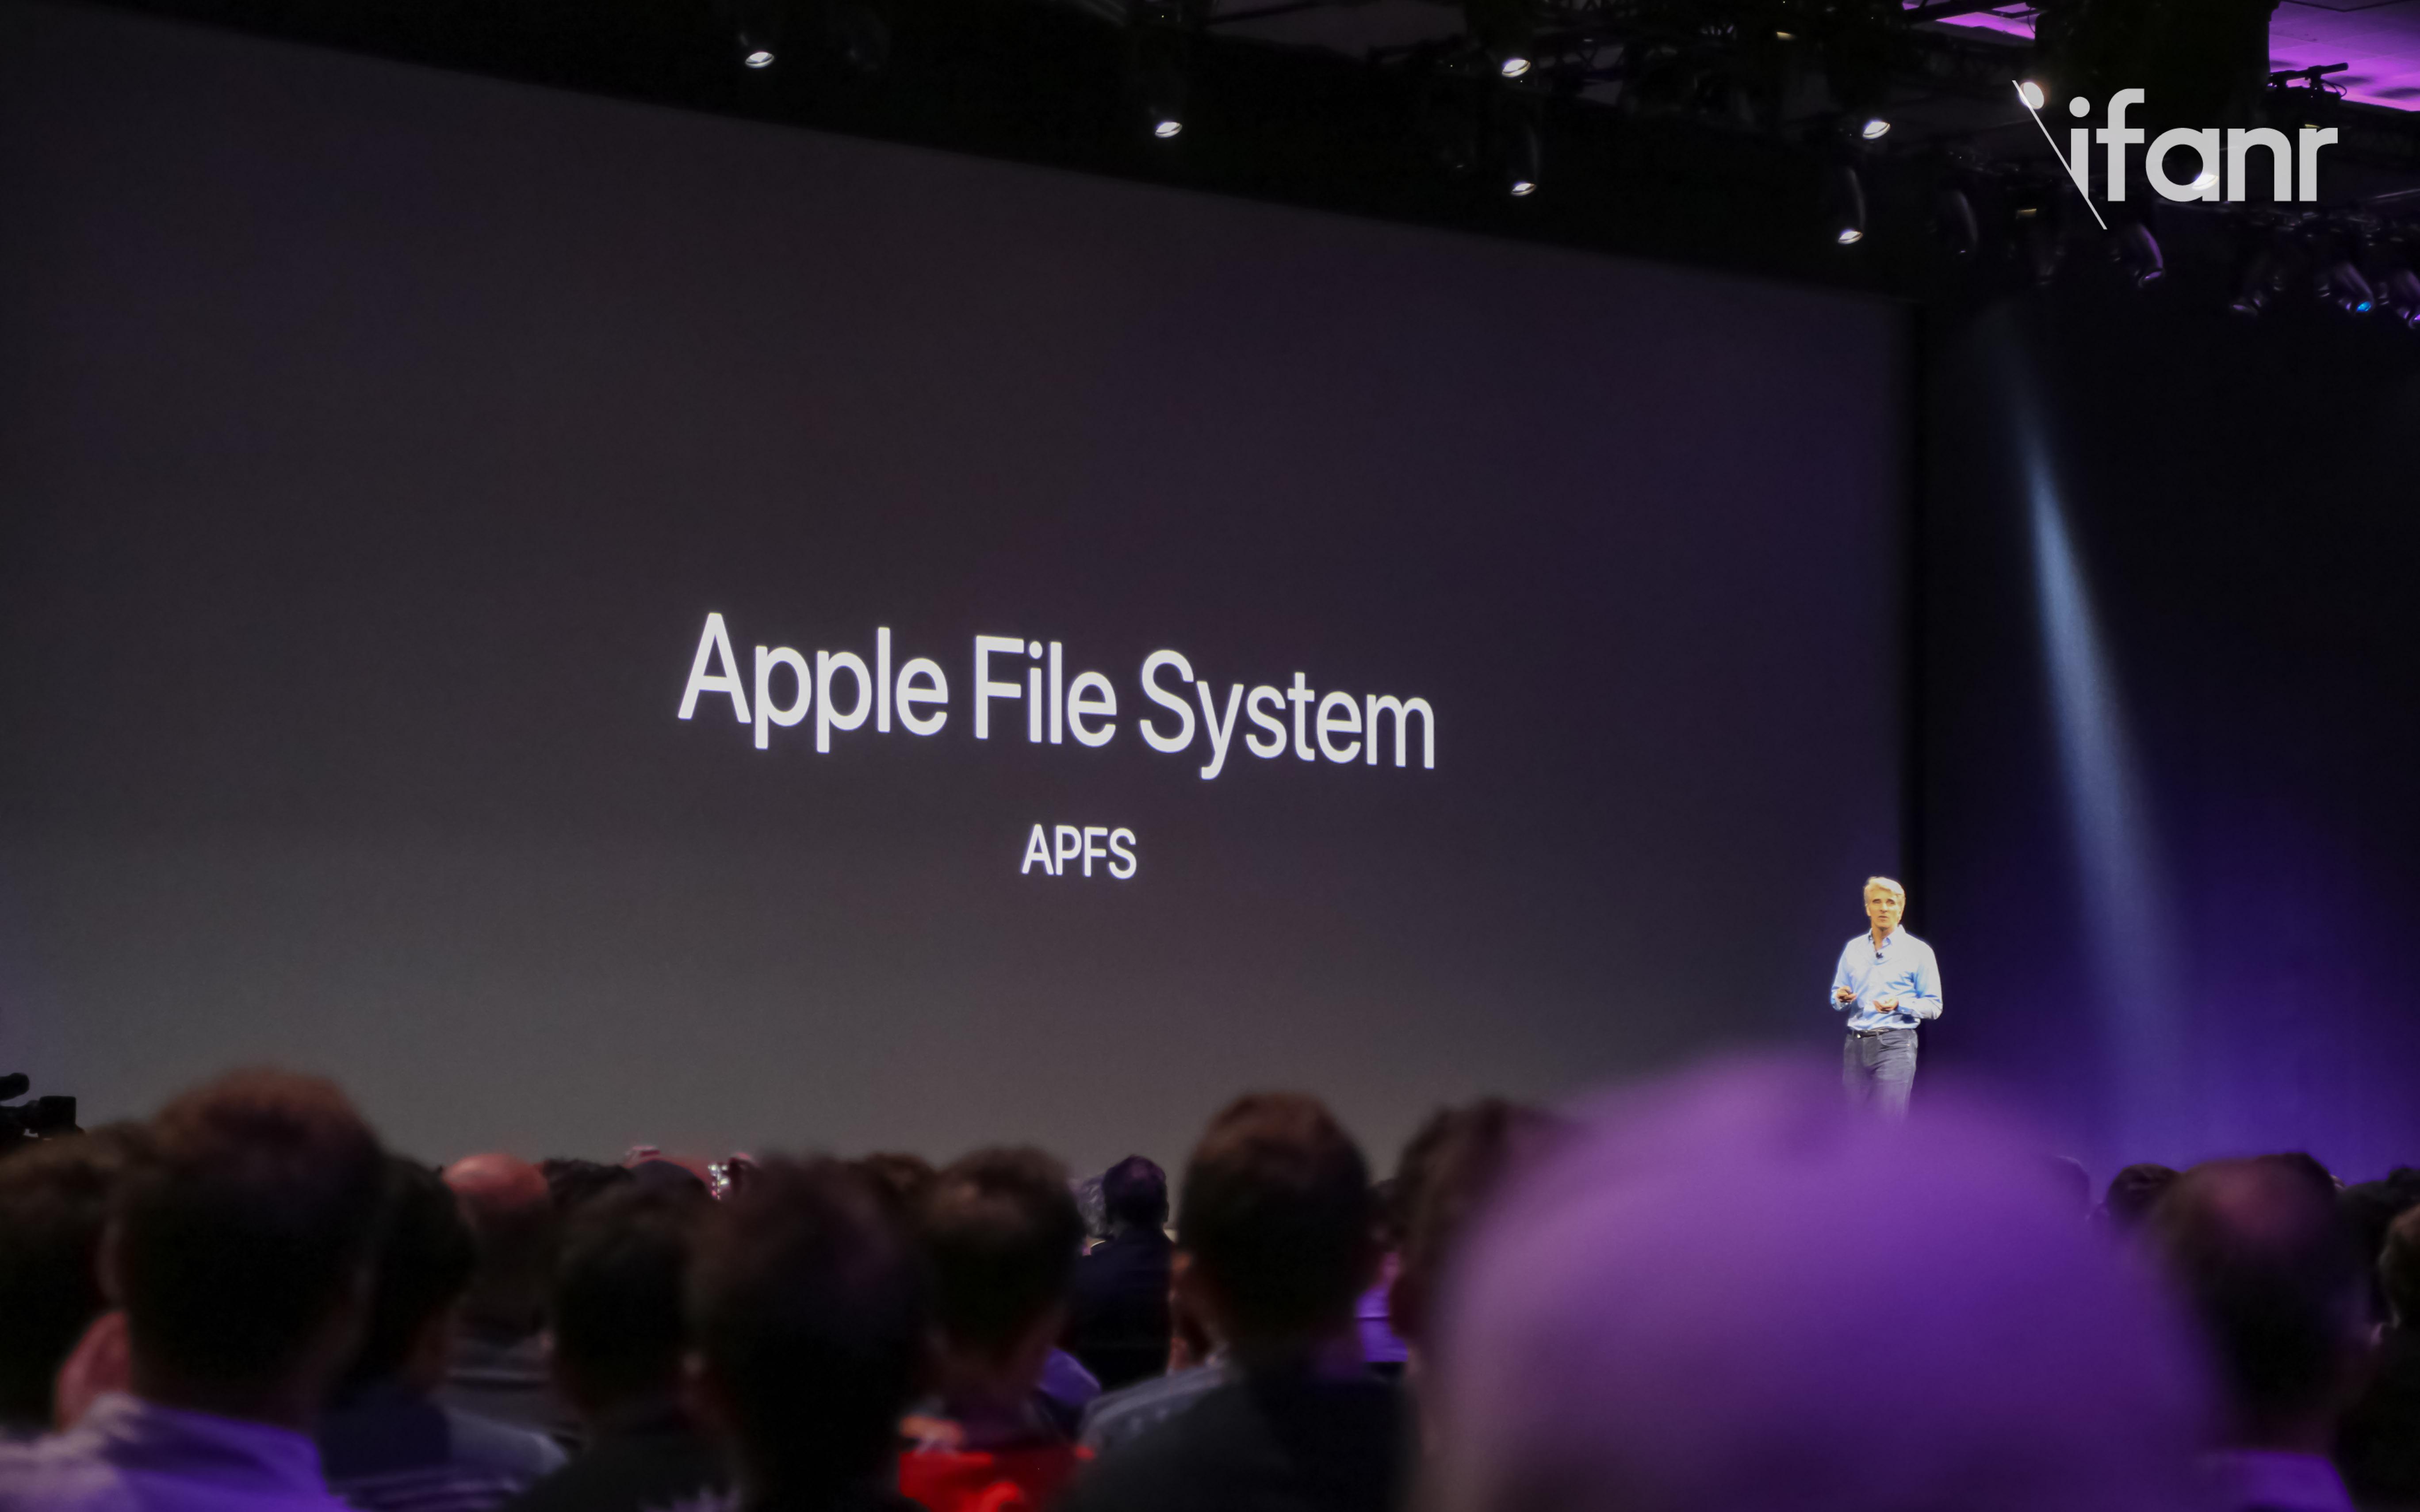 苹果放了 6 个大招,这是近几年硬件最多最好看的 WWDC 大会!  aso优化 第10张